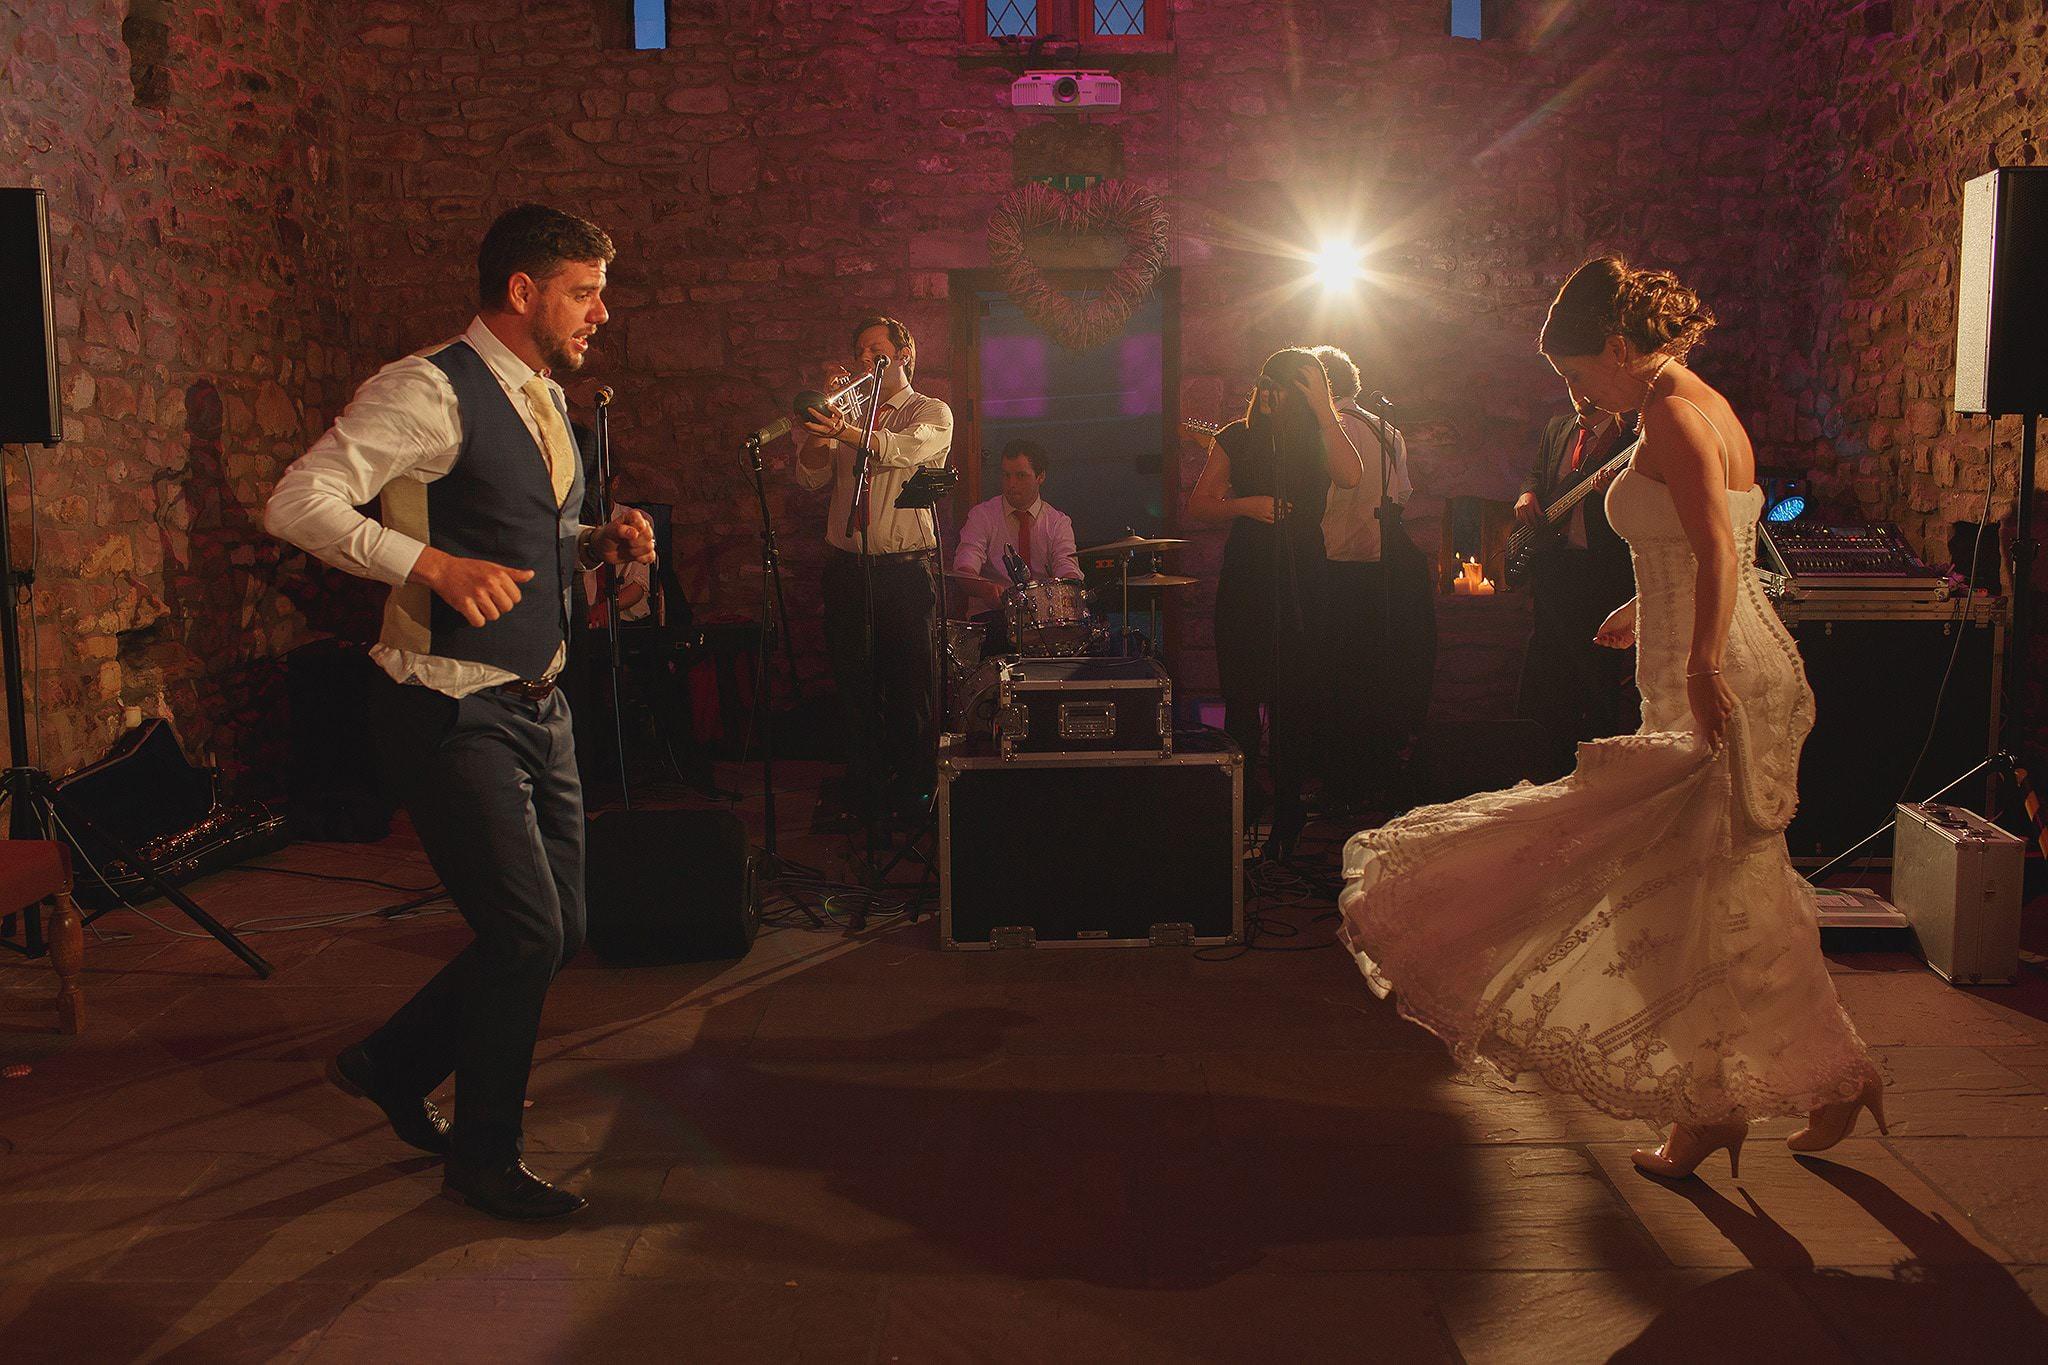 Browsholme-Hall-Wedding-Photographer-Toni-Darcy049